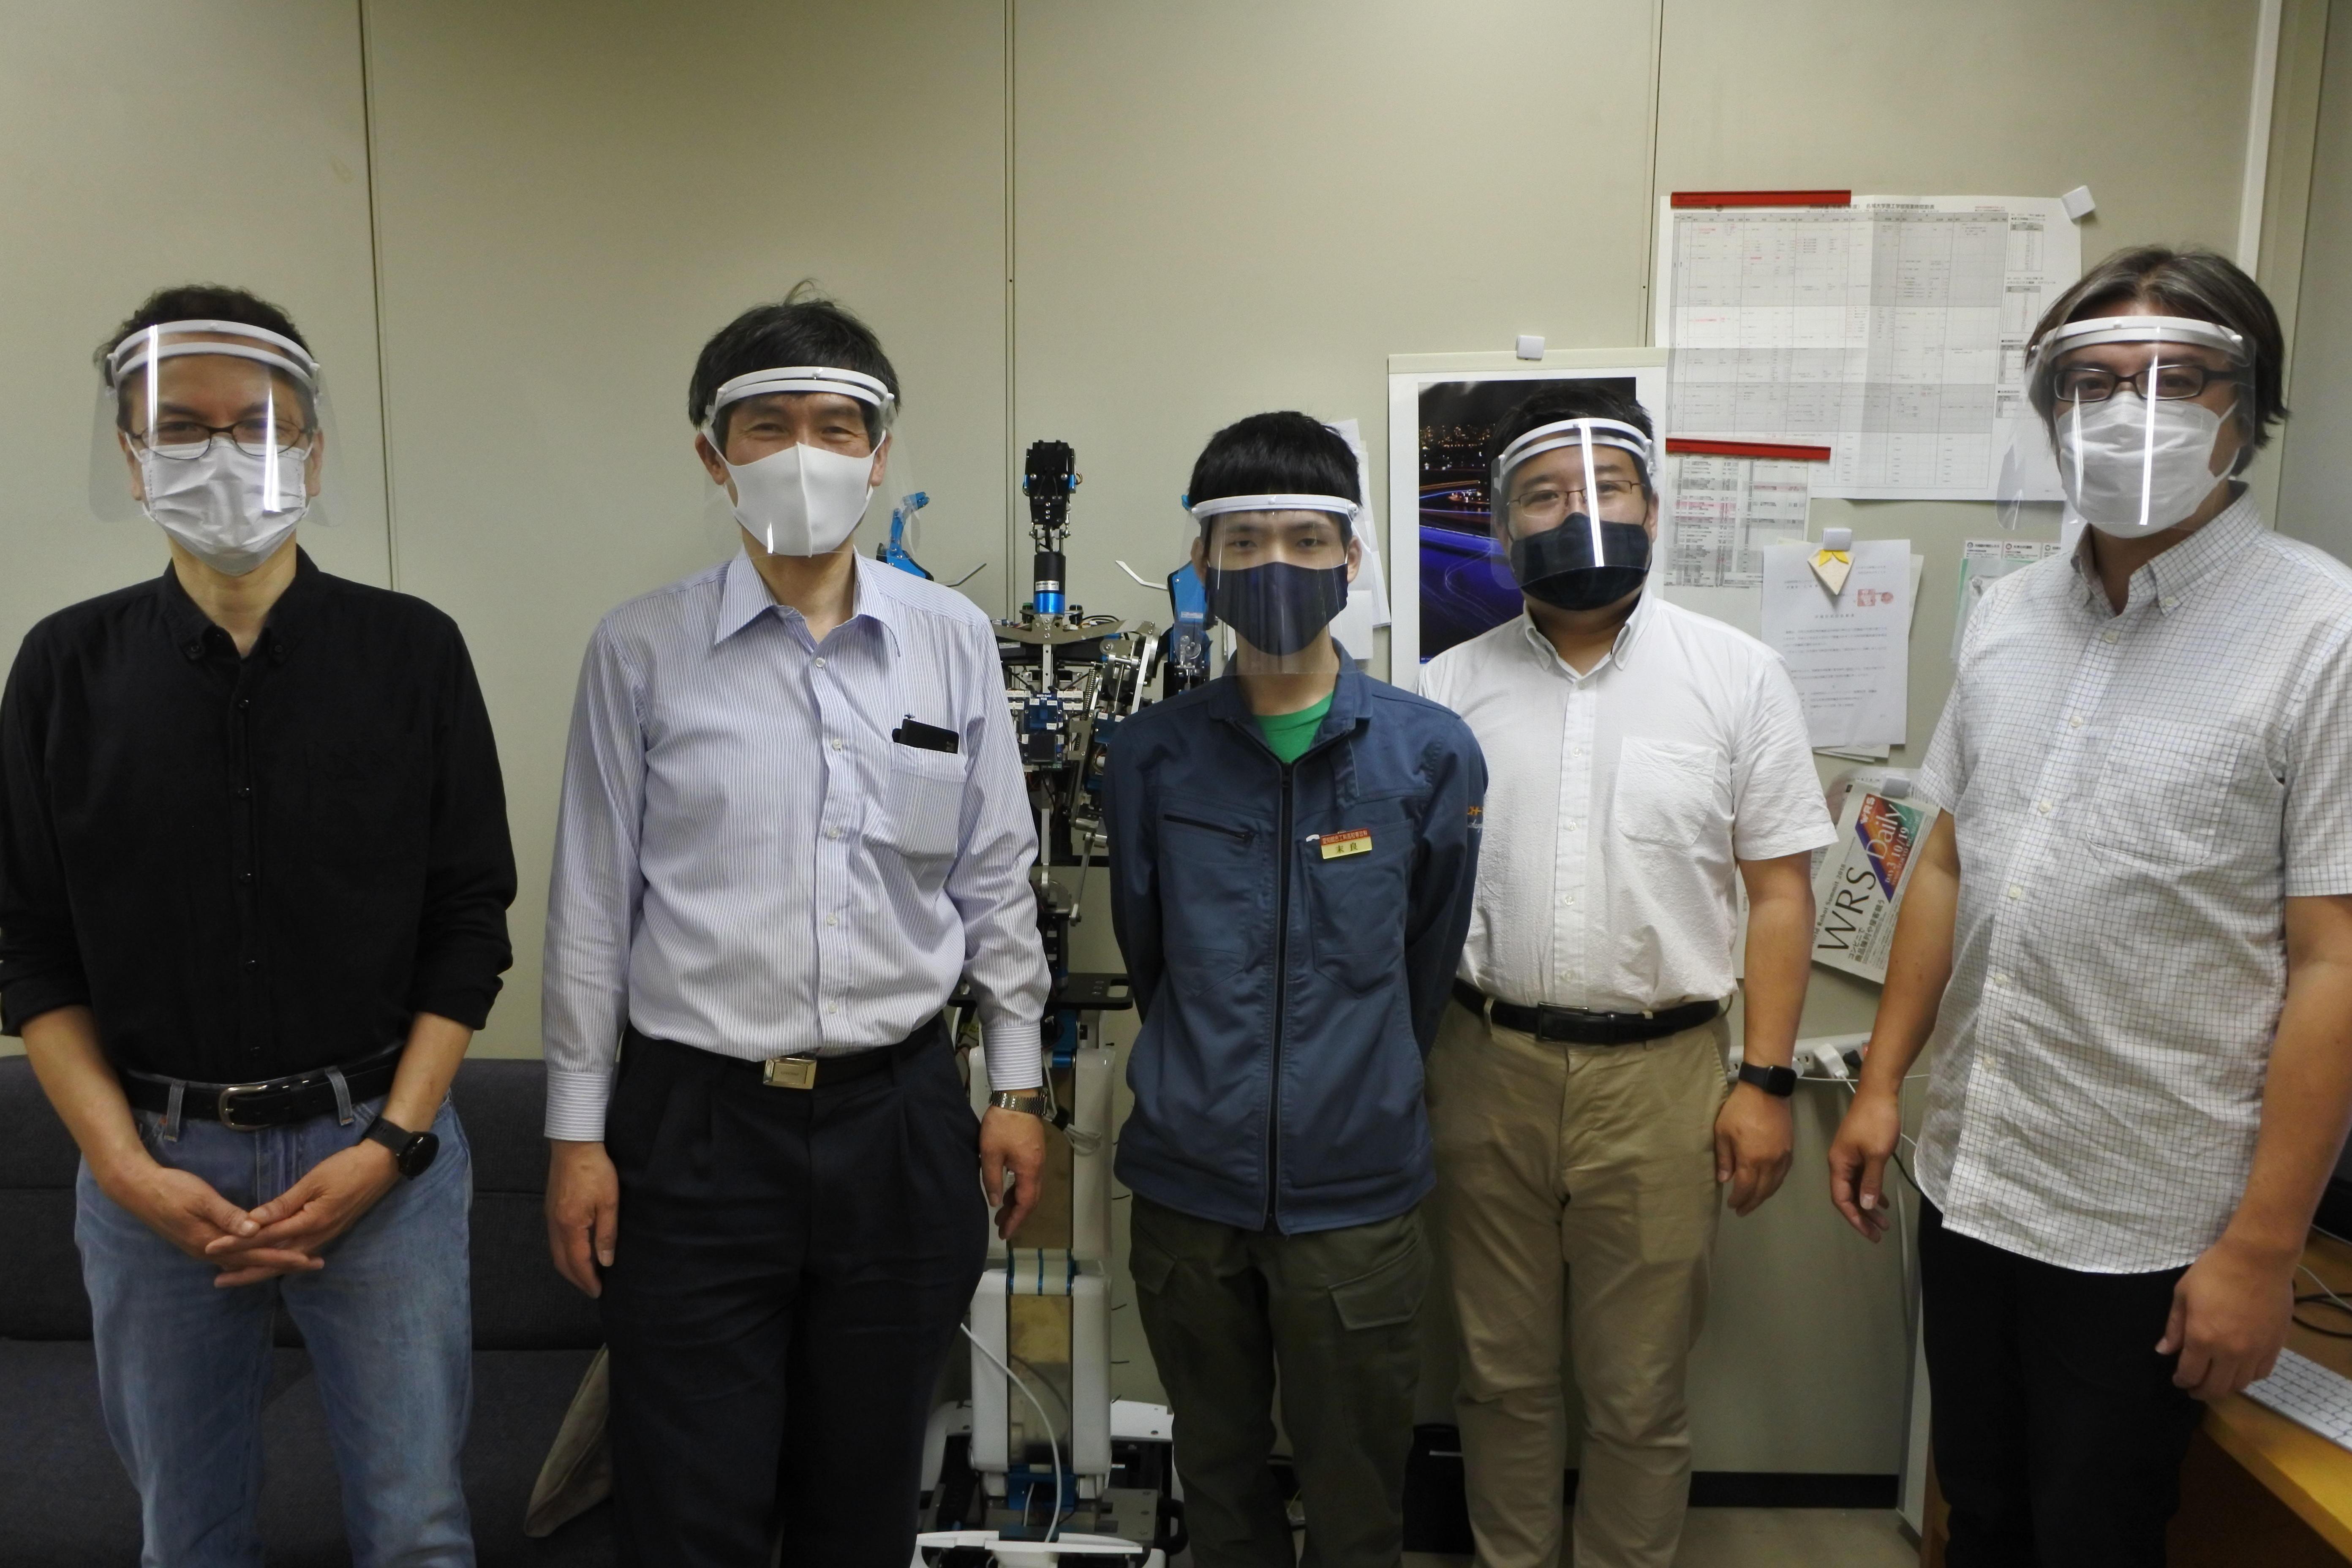 メカトロニクス工学科への寄贈。(左から)楊教授、井上教授、末良さん、大原教授、芦澤准教授